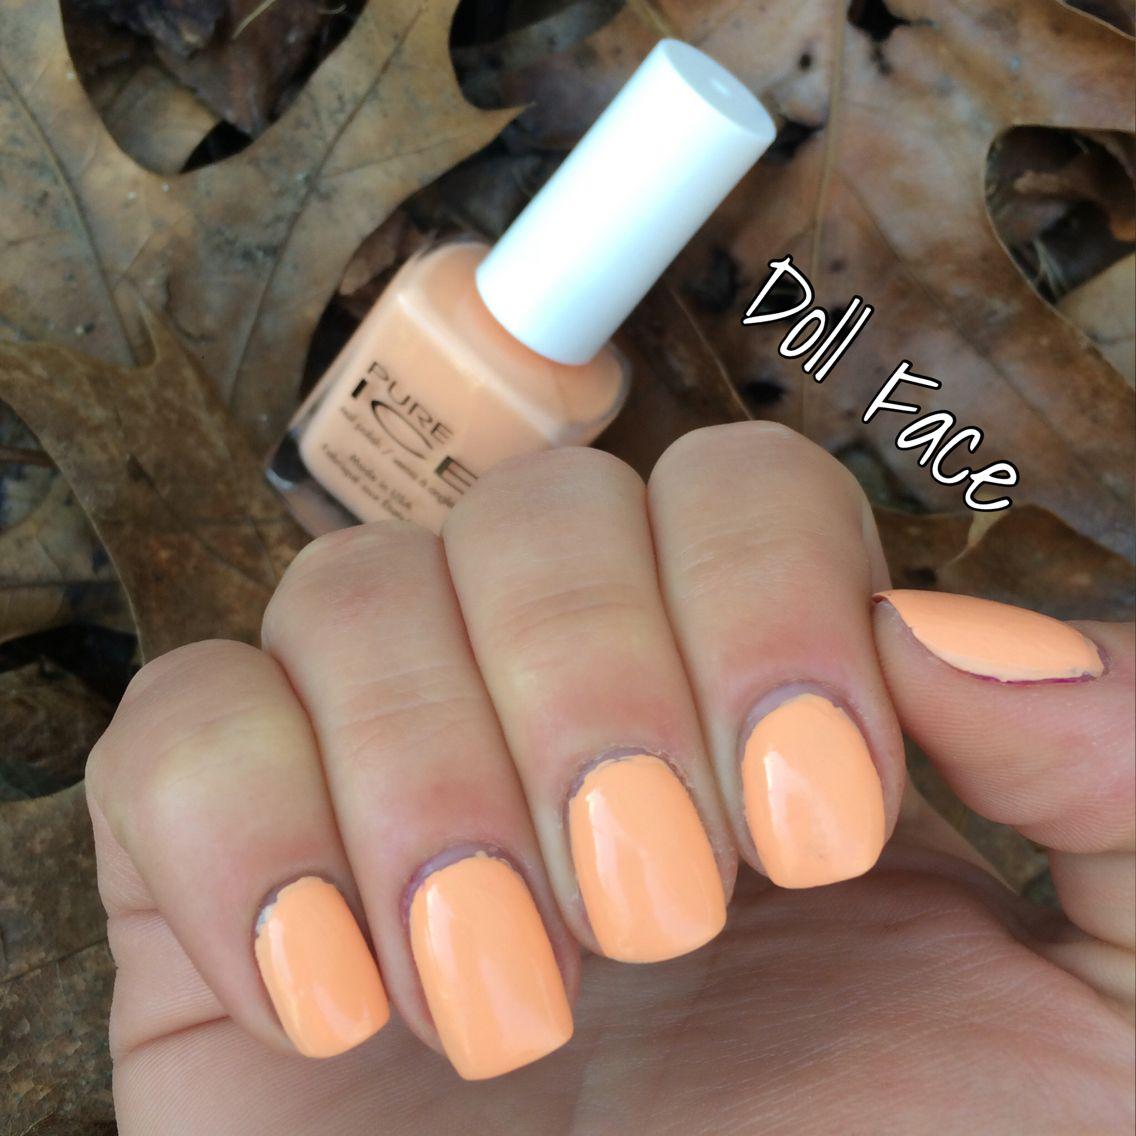 88. Pure Ice: Doll Face #Nails #NailSwatch #NailPolish | Nail Polish ...